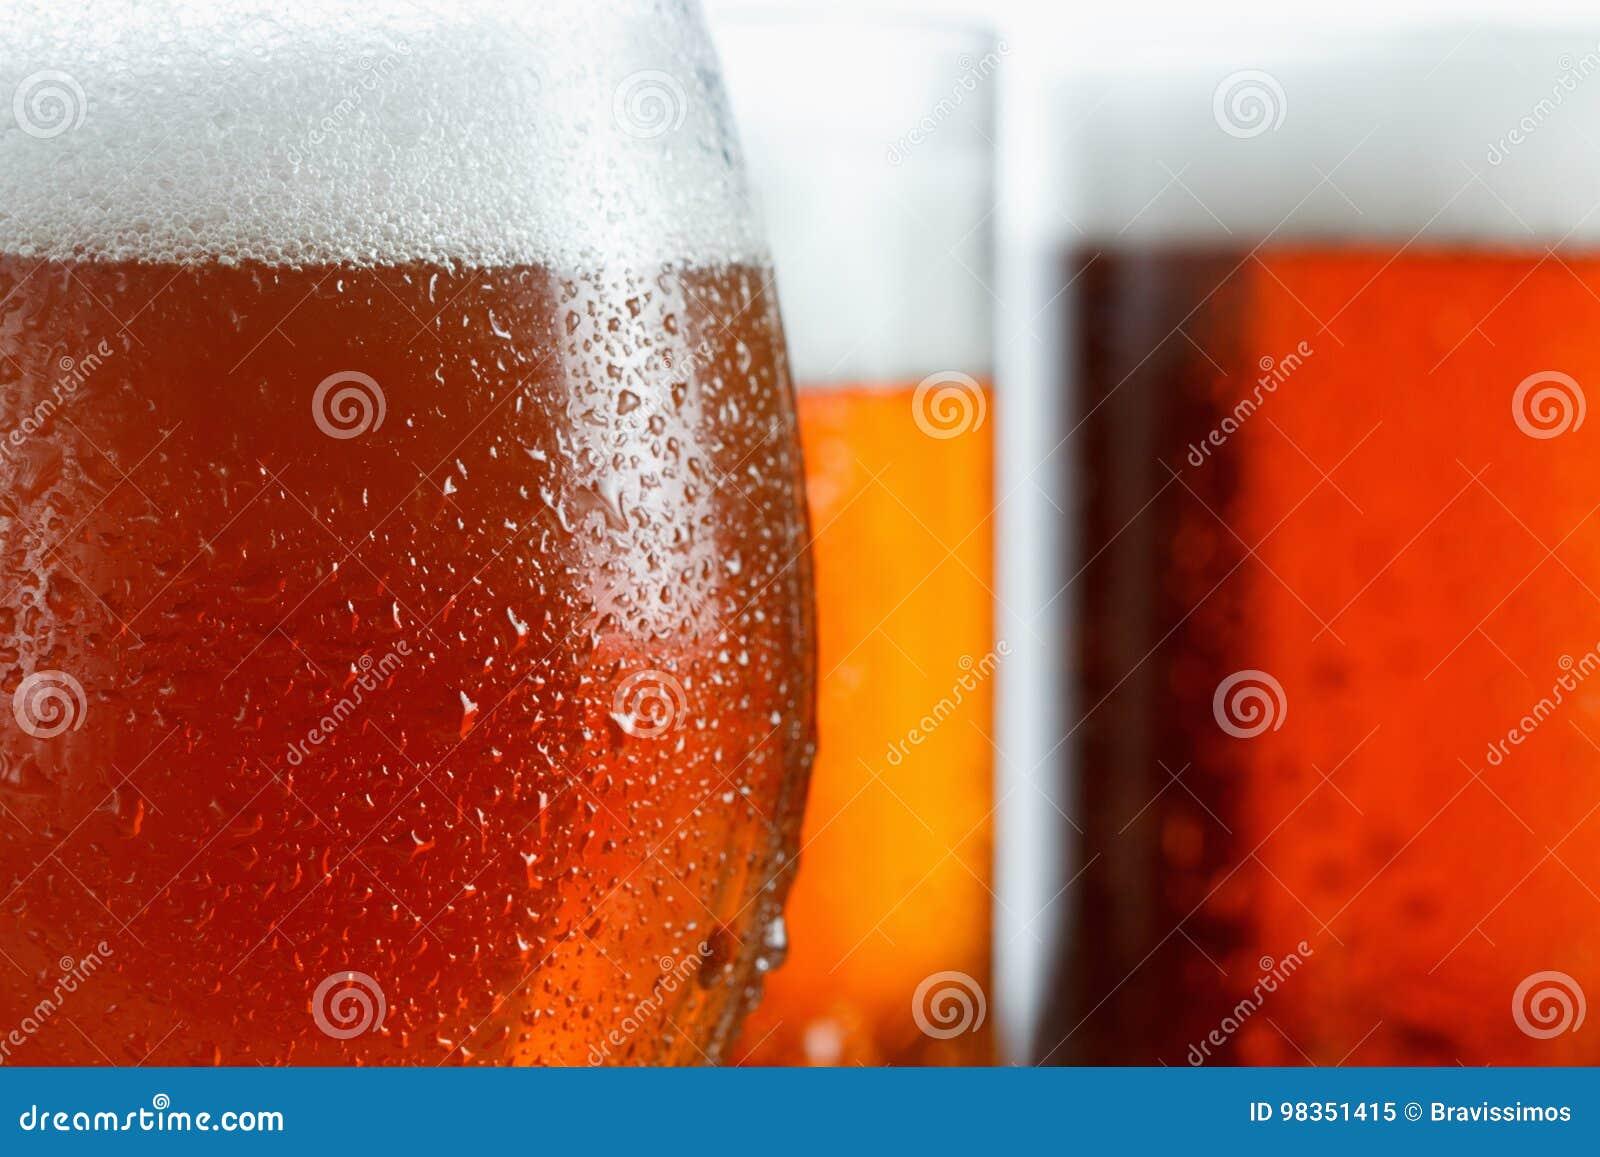 冷淡的杯凉快的啤酒起泡沫,用下落盖,特写镜头